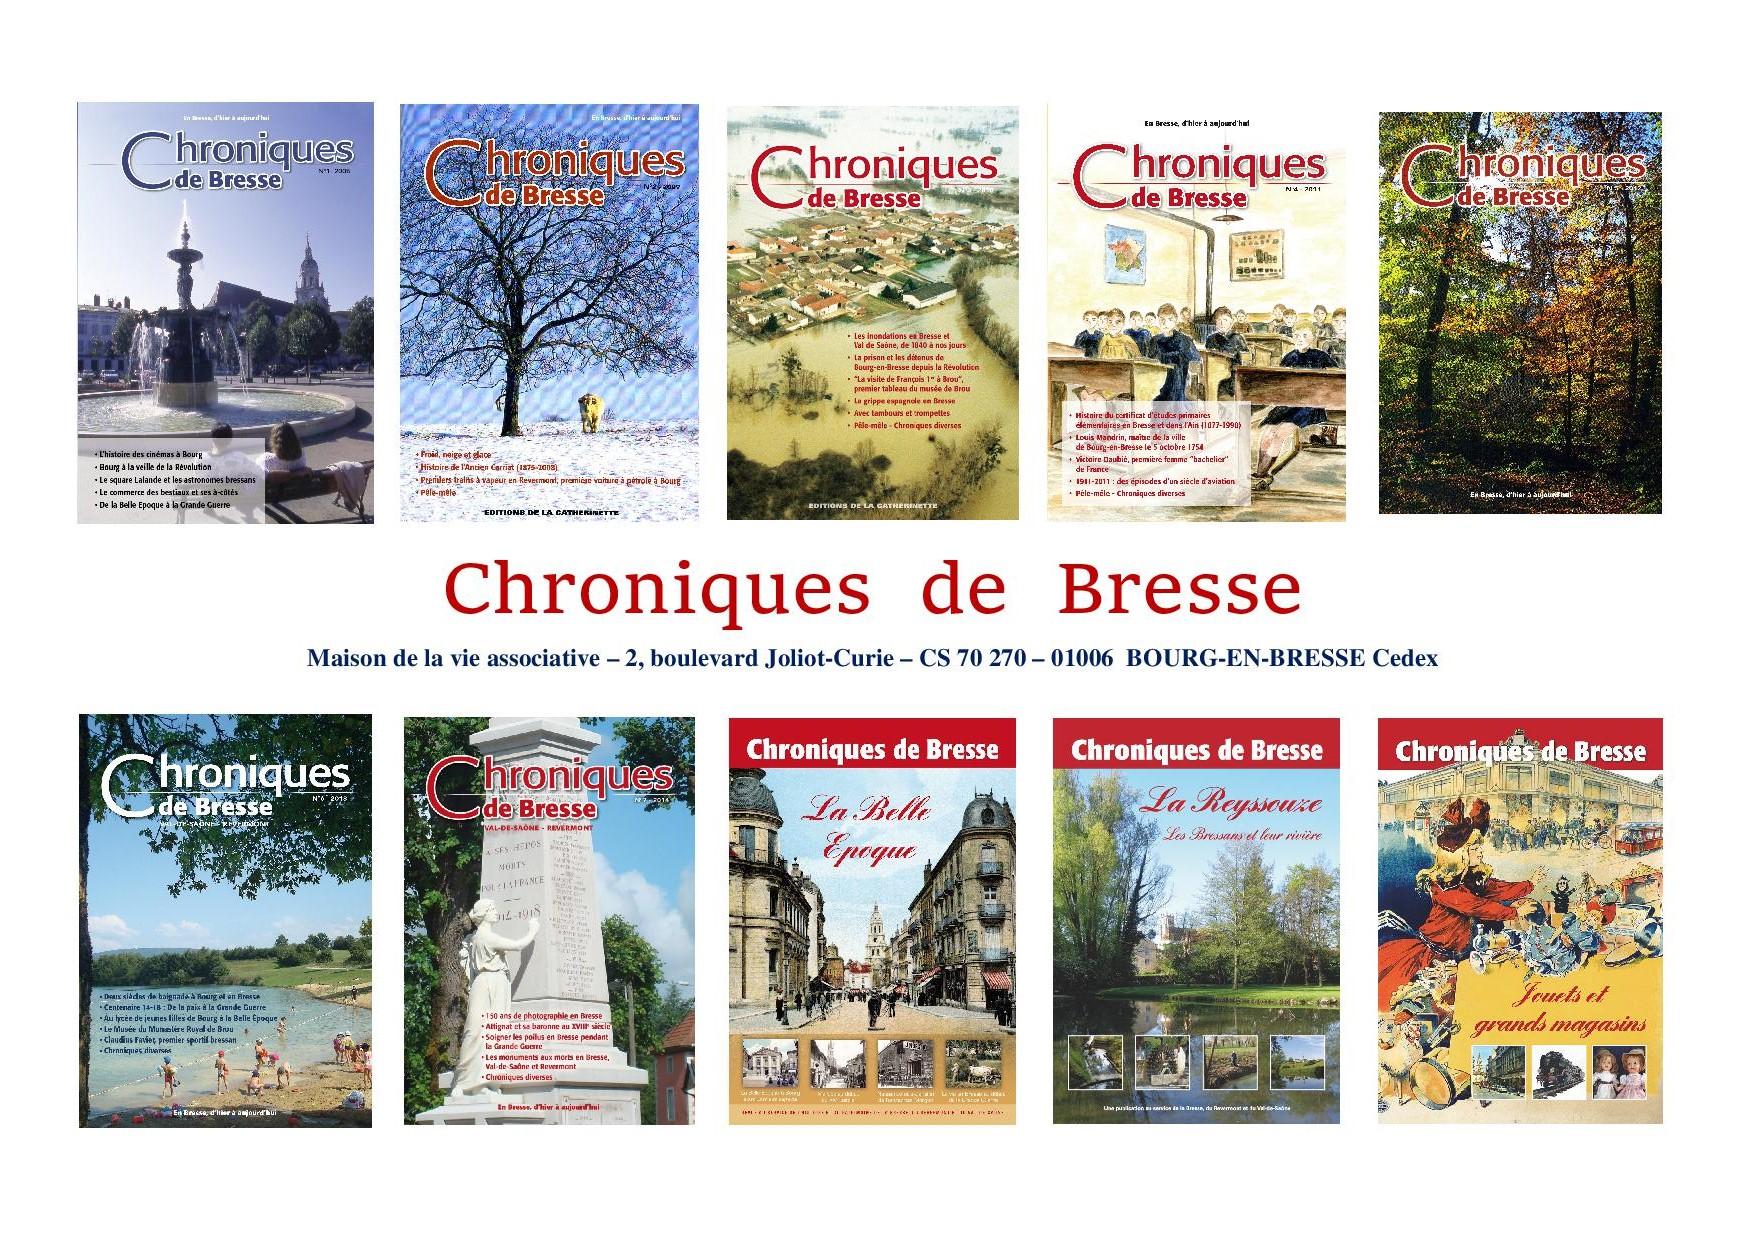 Les chroniques de Bresse